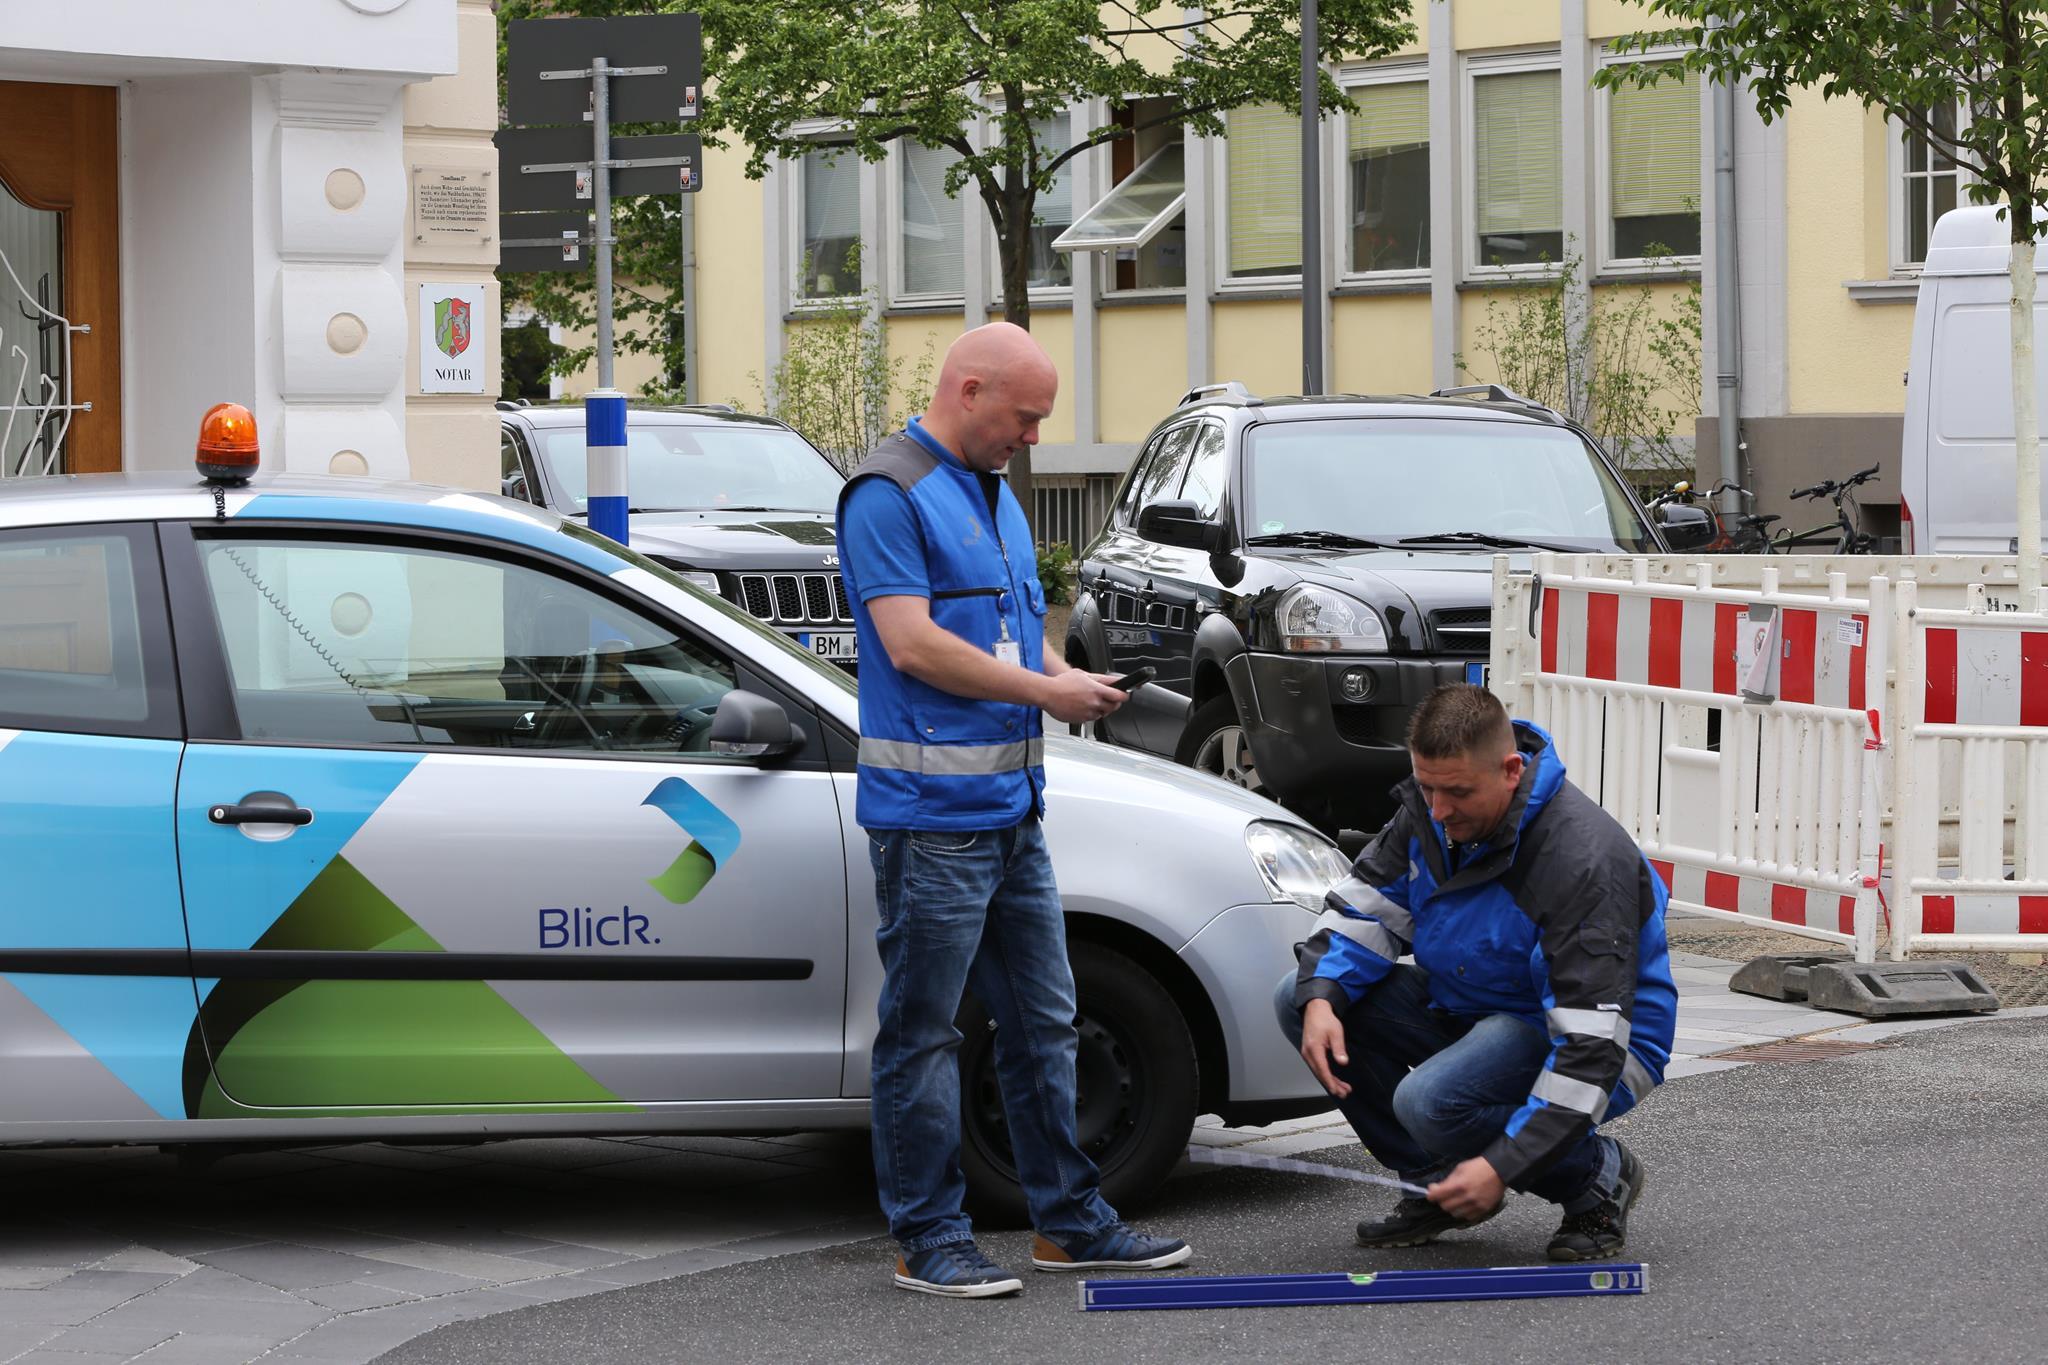 Strassenkontrollen im Rahmen der Verkehrssicherungspflicht